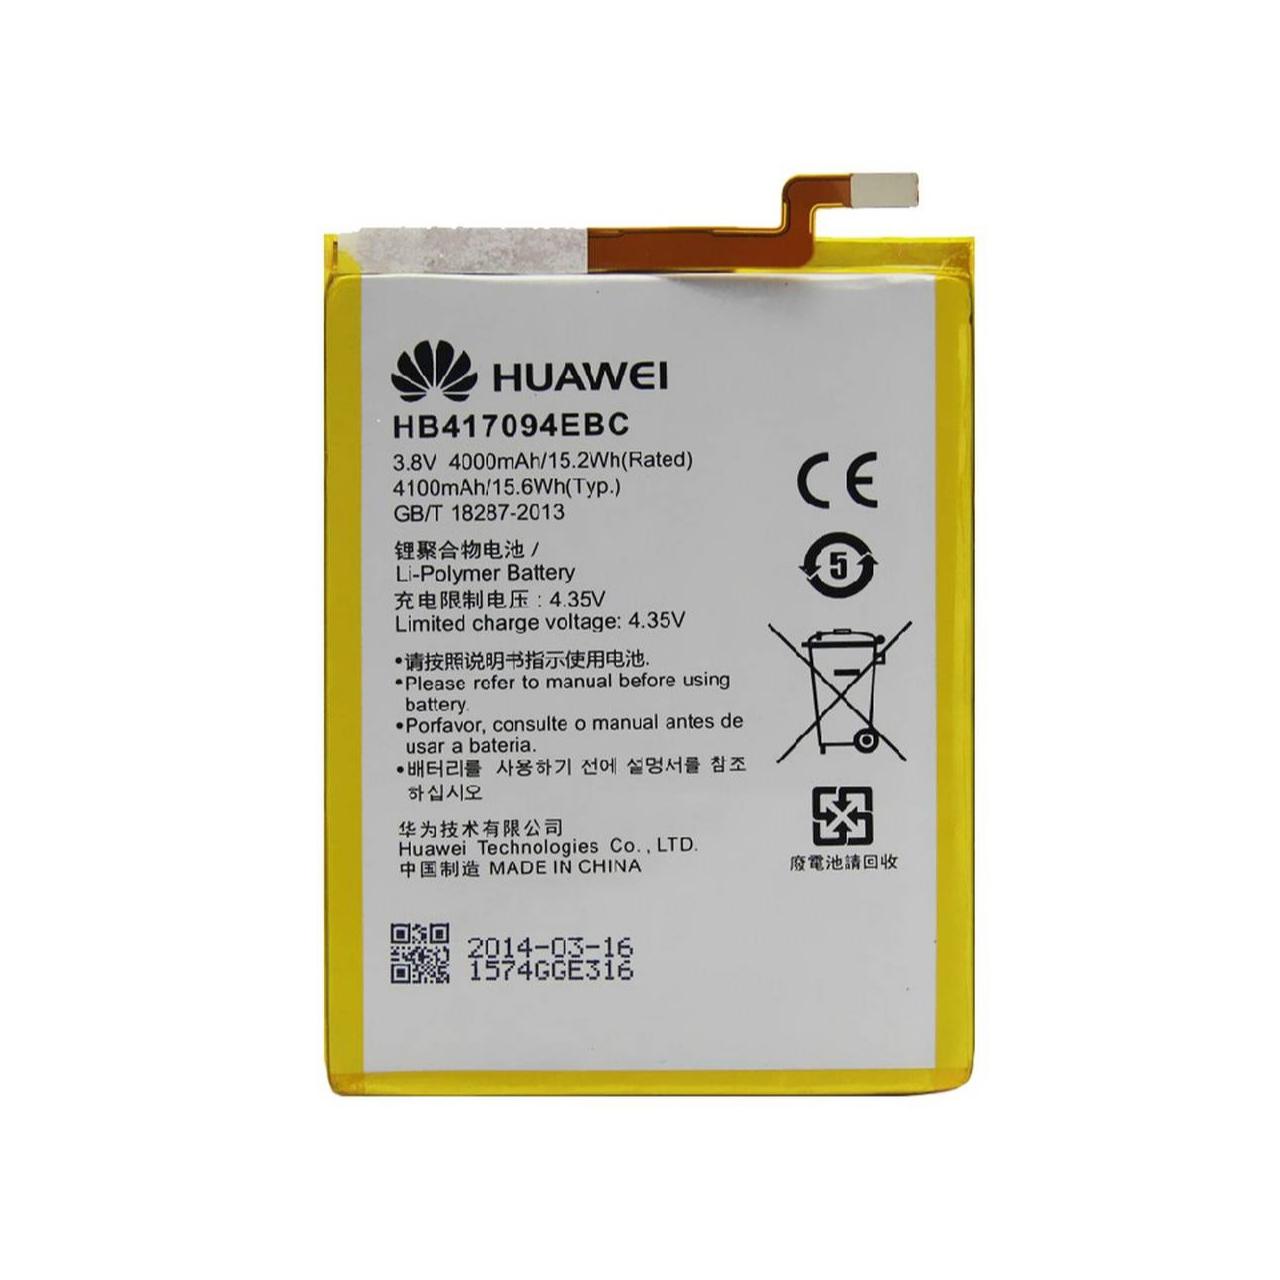 باتری تبلت مدل HB417094EBC مناسب برای تبلت هواوی Ascend Mate 7